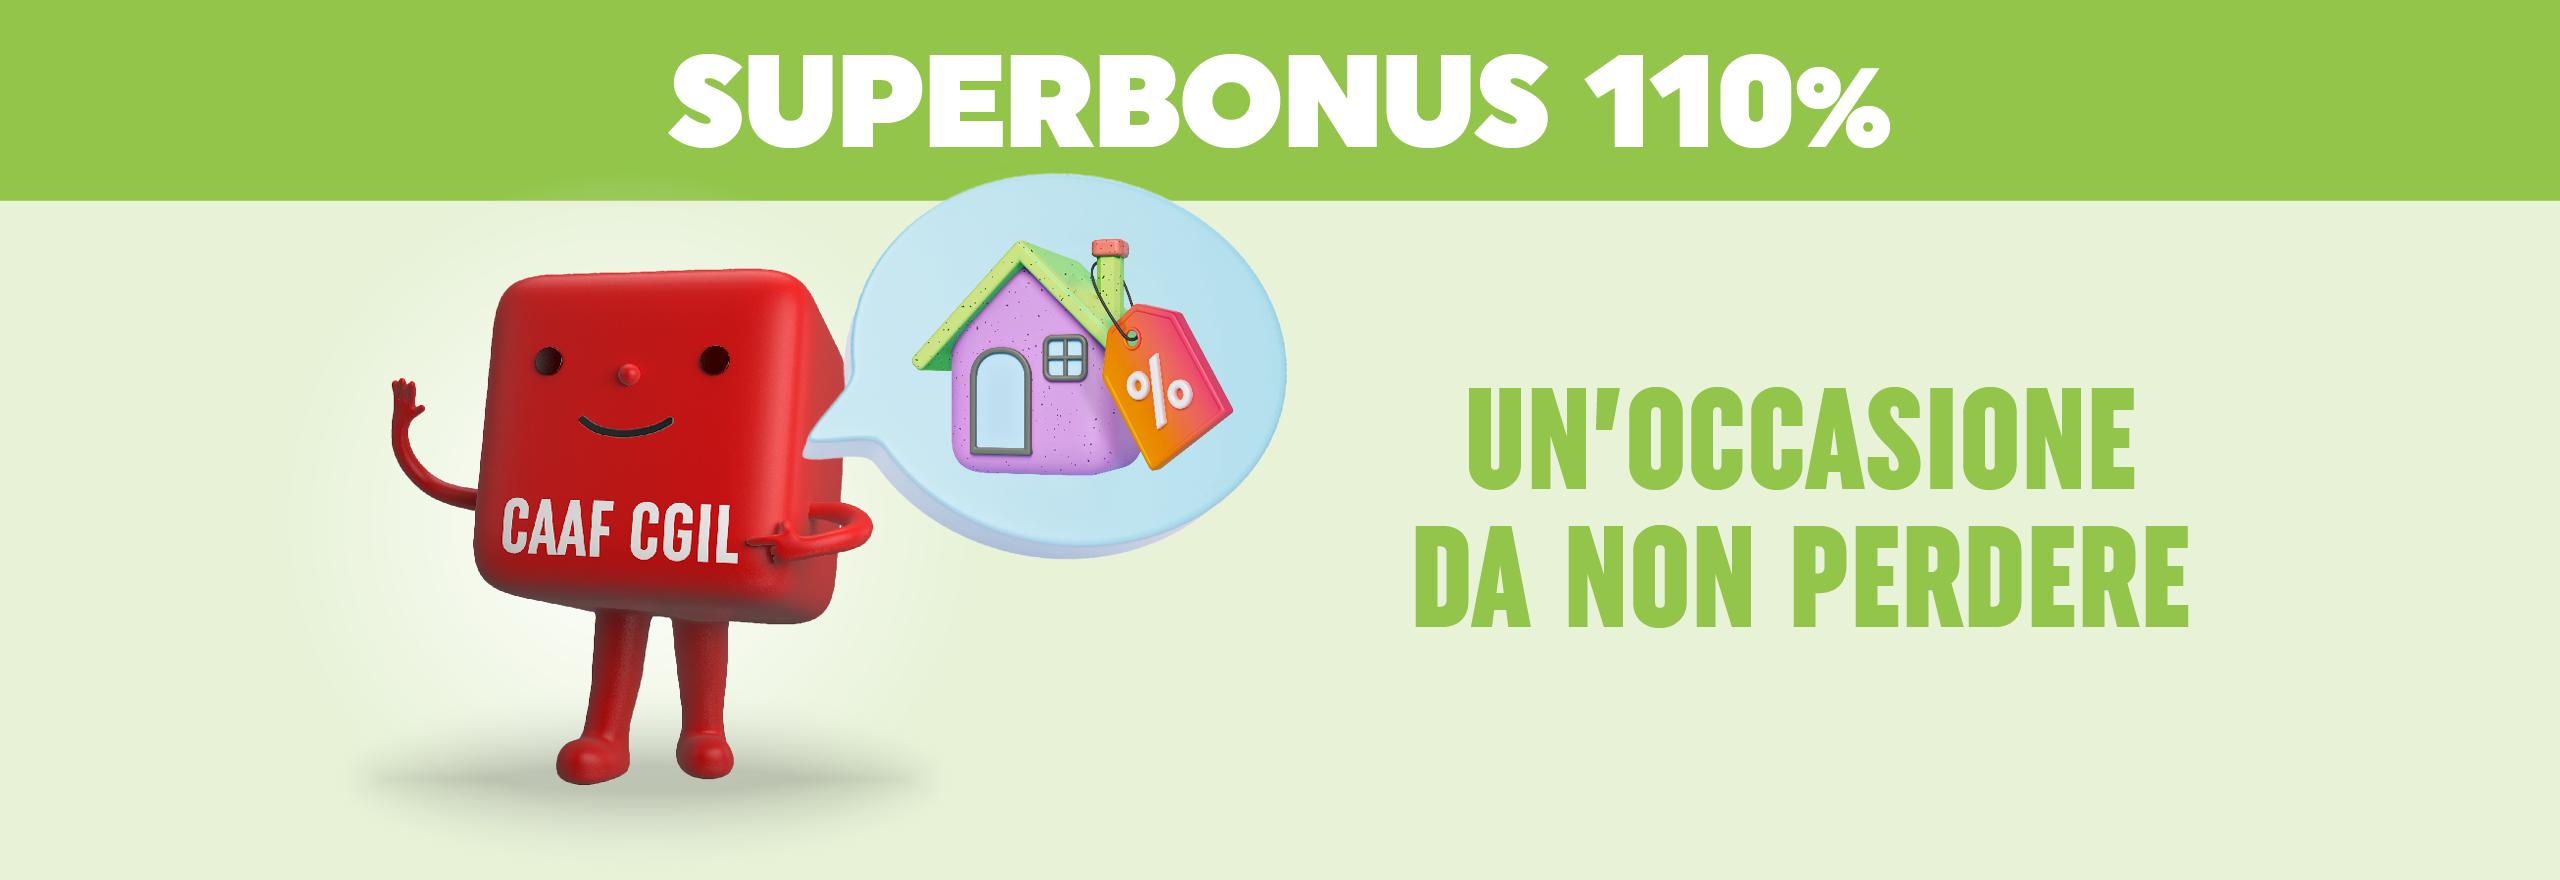 Caaf Emilia Romagna - Bonus 110% un occasione da non perdere